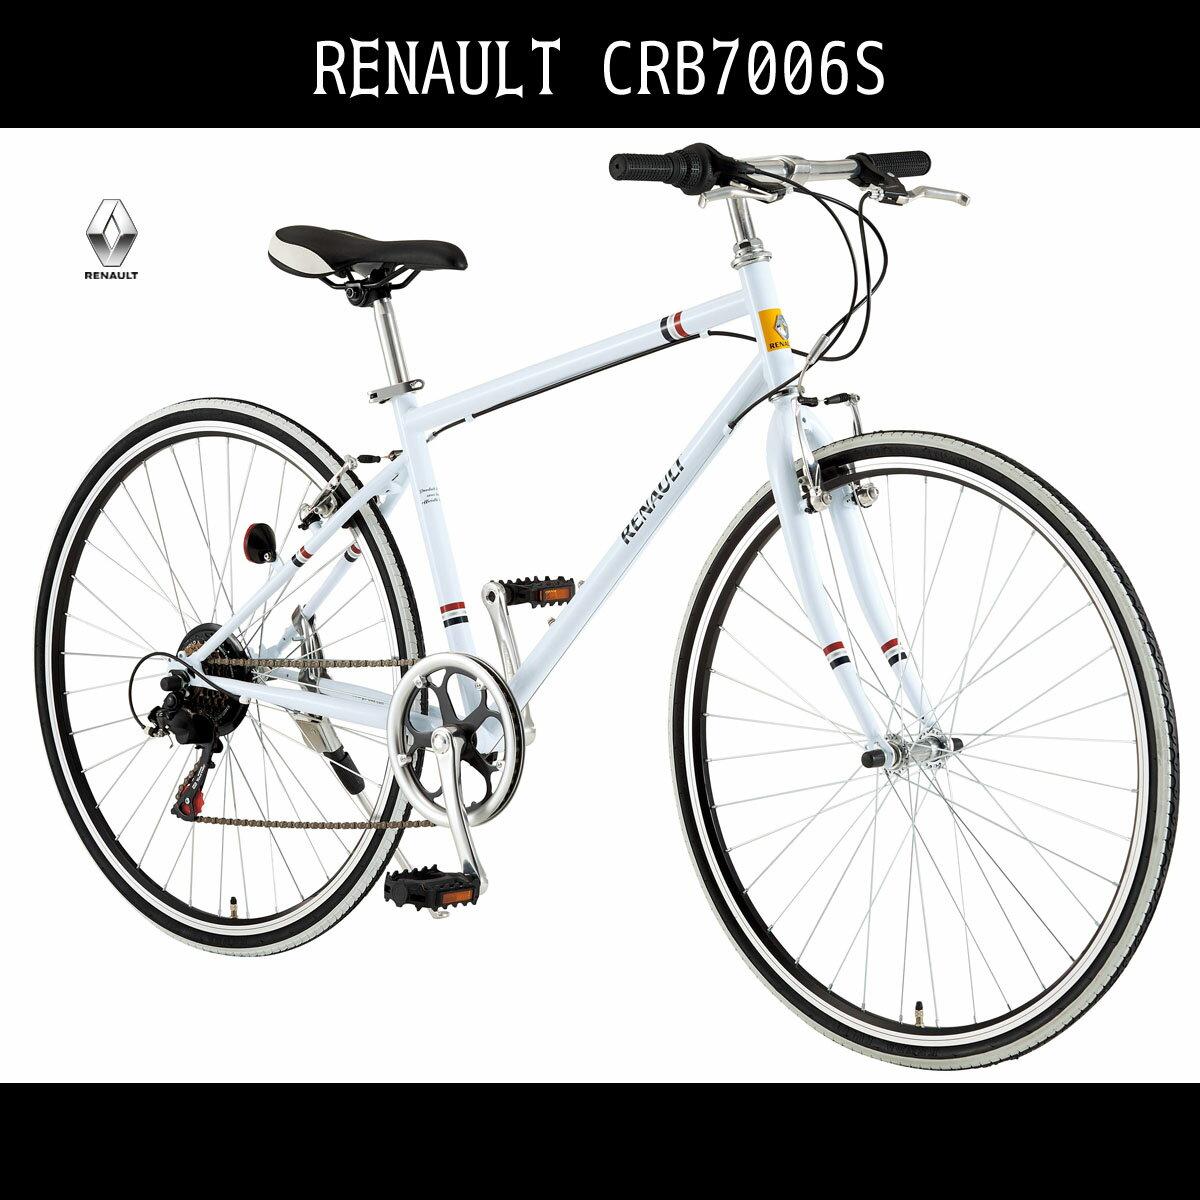 【送料無料 クロスバイク ルノー 自転車】 ホワイト/白色【700c クロスバイク 軽量 外装6段変速ギア付き】 CRB7006S スピード6段ギアでストライプタイヤなので、おしゃれ かっこよくツーリングができる自転車 (RENAULT)ルノー